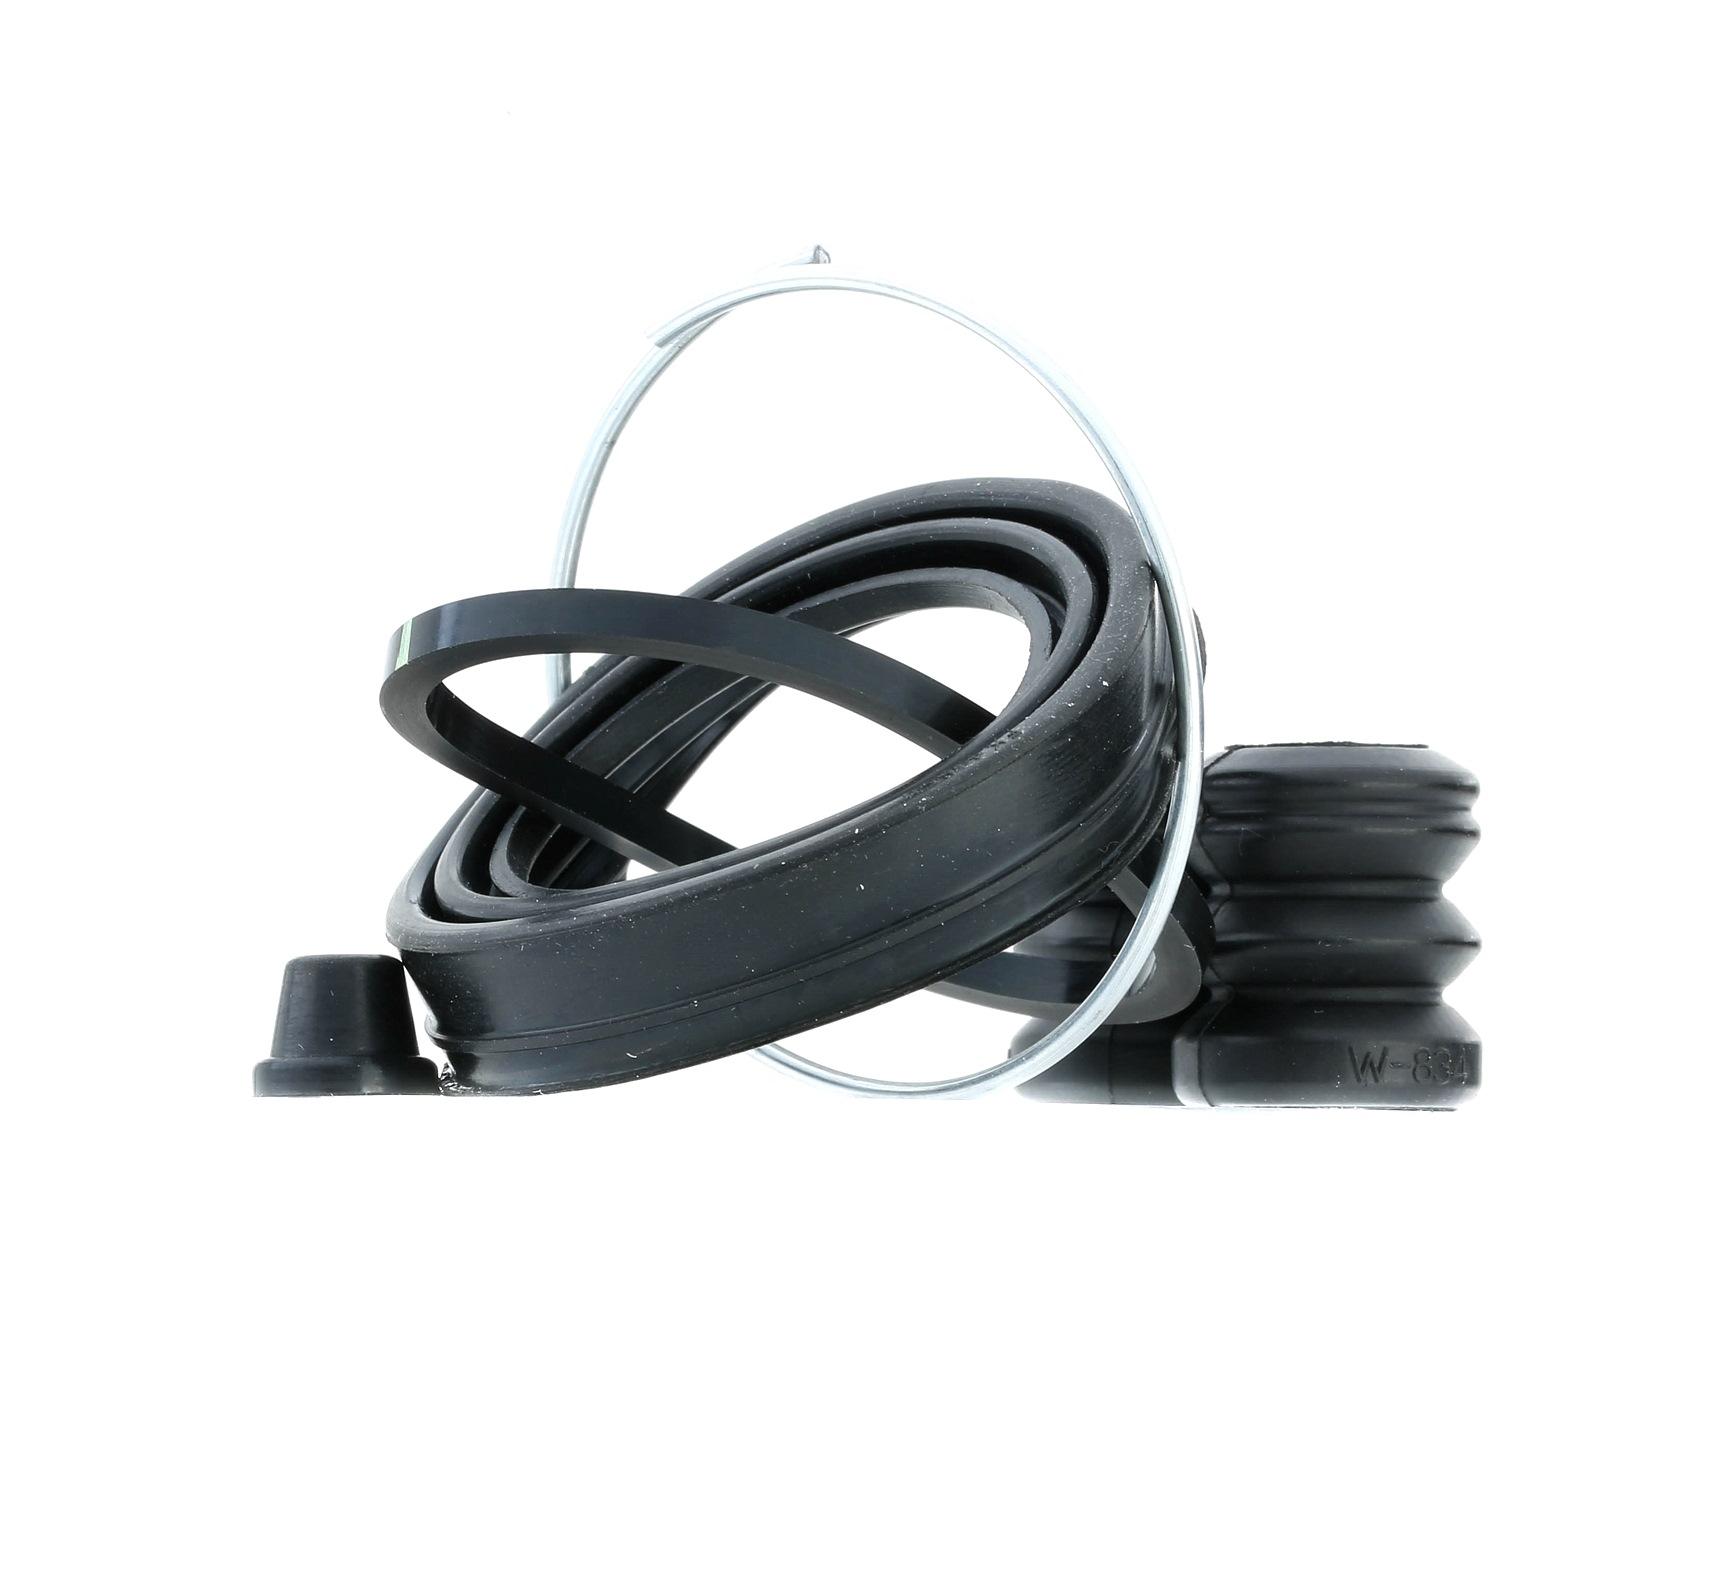 248018 FRENKIT Vorderachse Ø: 48mm Reparatursatz, Bremssattel 248018 günstig kaufen